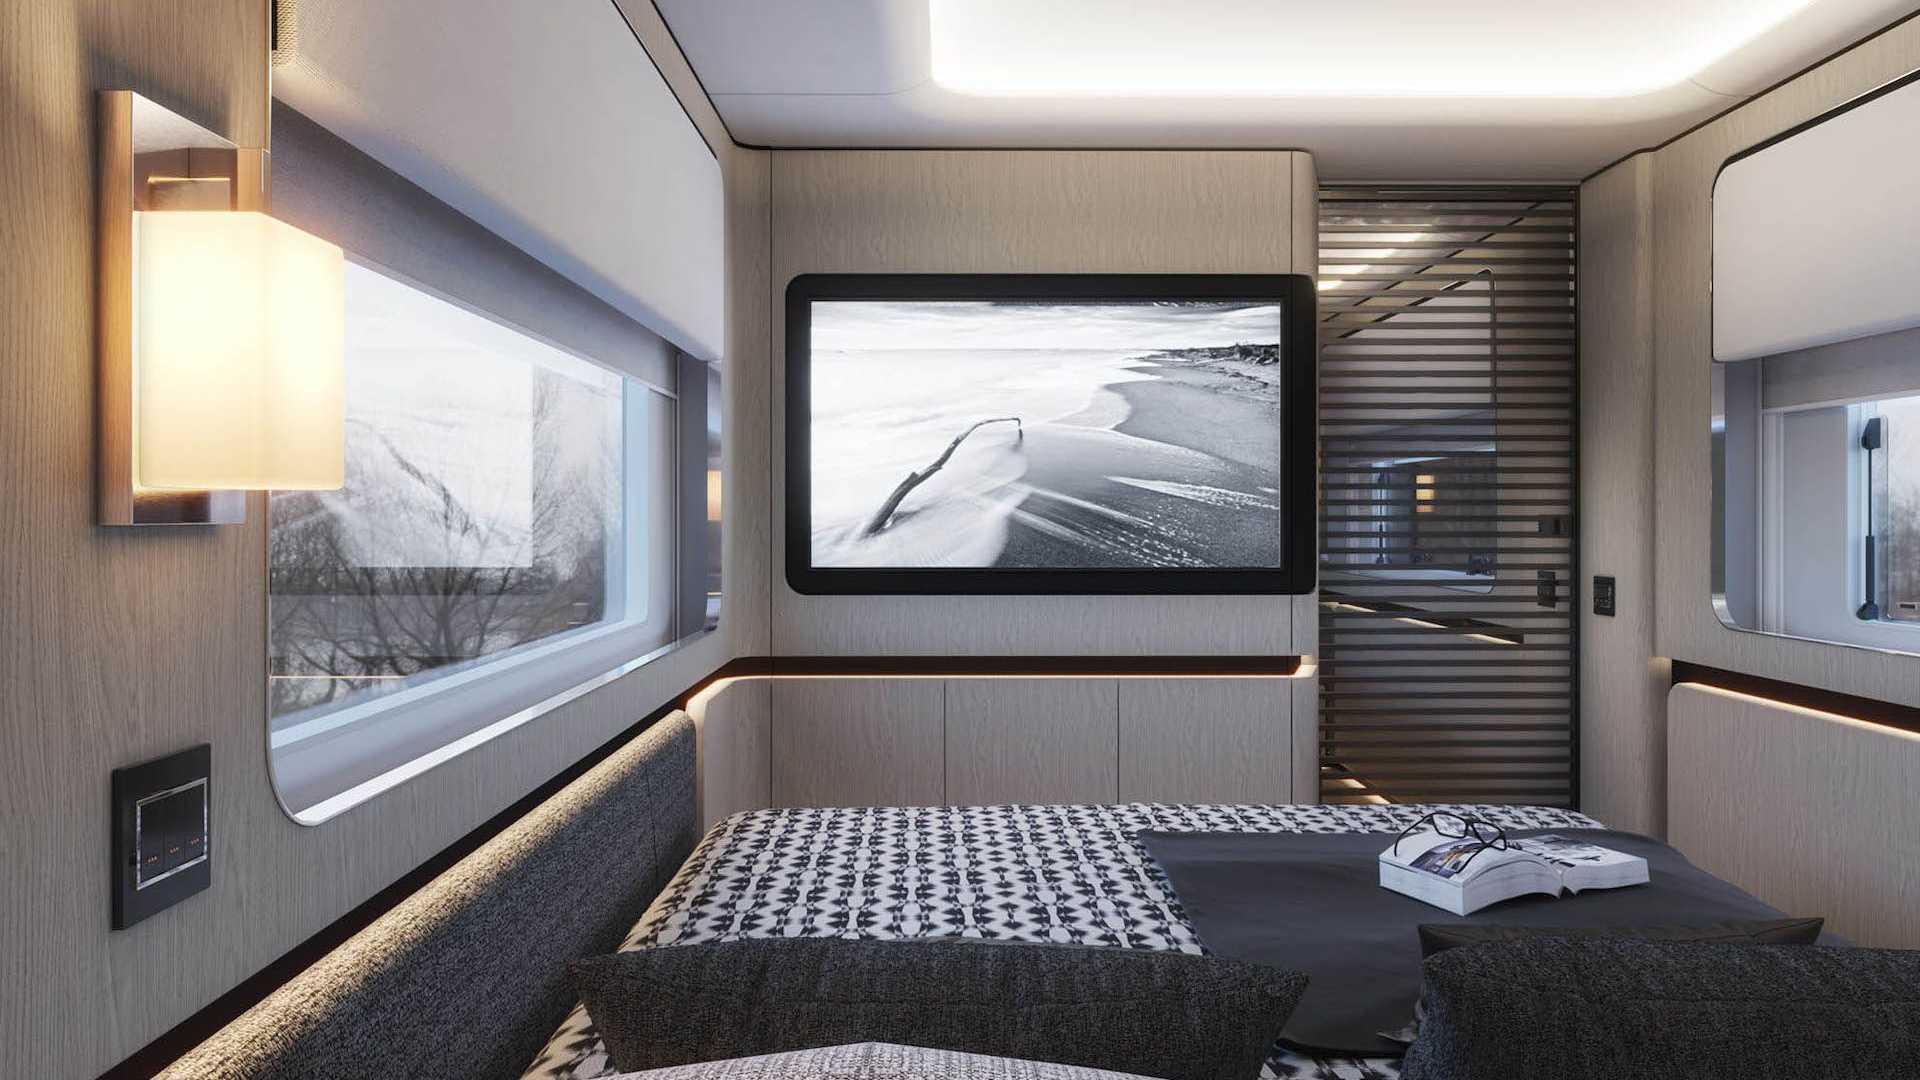 Chiêm ngưỡng Dembell Motorhome: Biệt thự di động trị giá 2 triệu Euro - 3